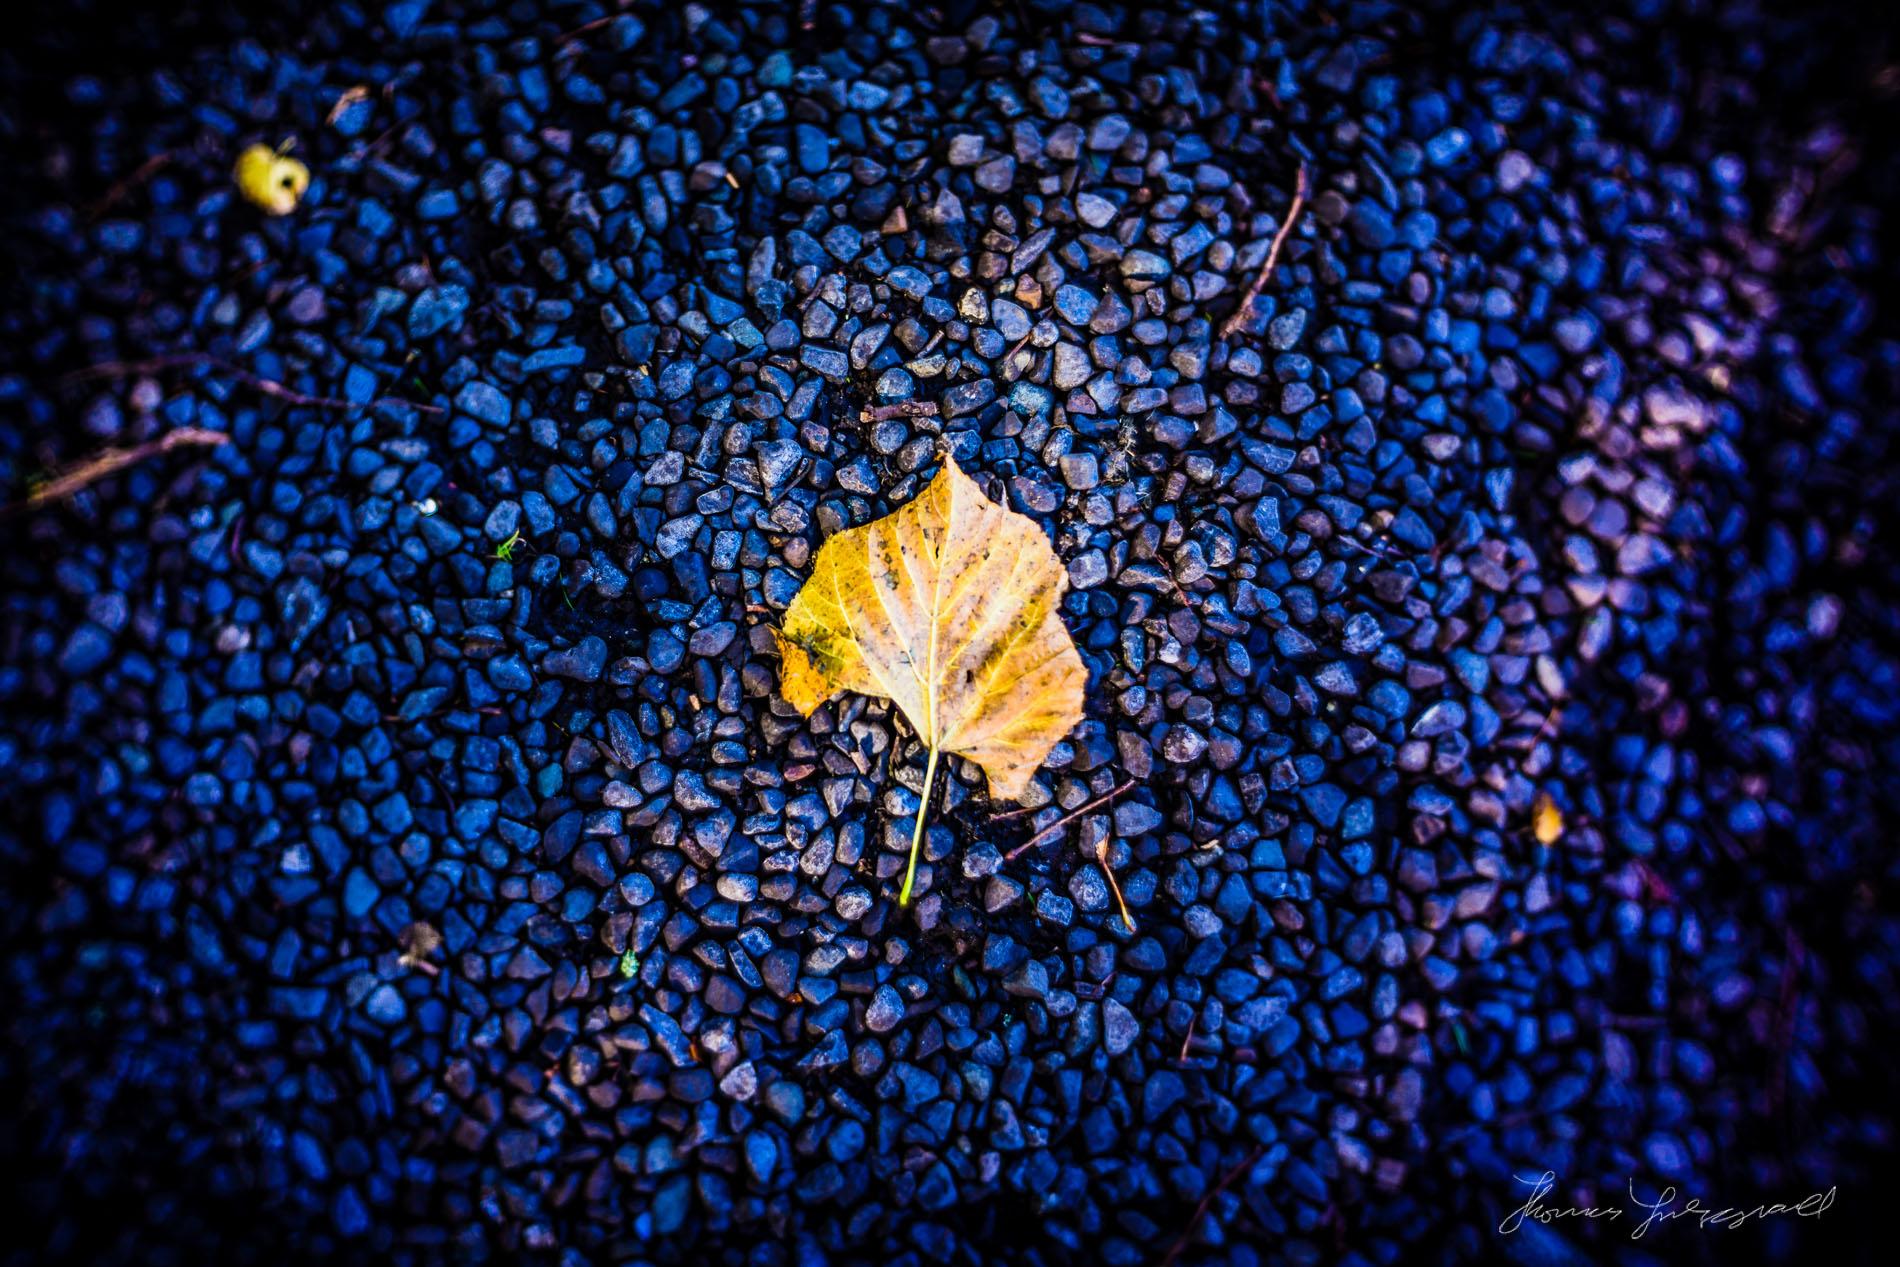 Golden Leaf with 35mm Slr Magic lens on Nex-7